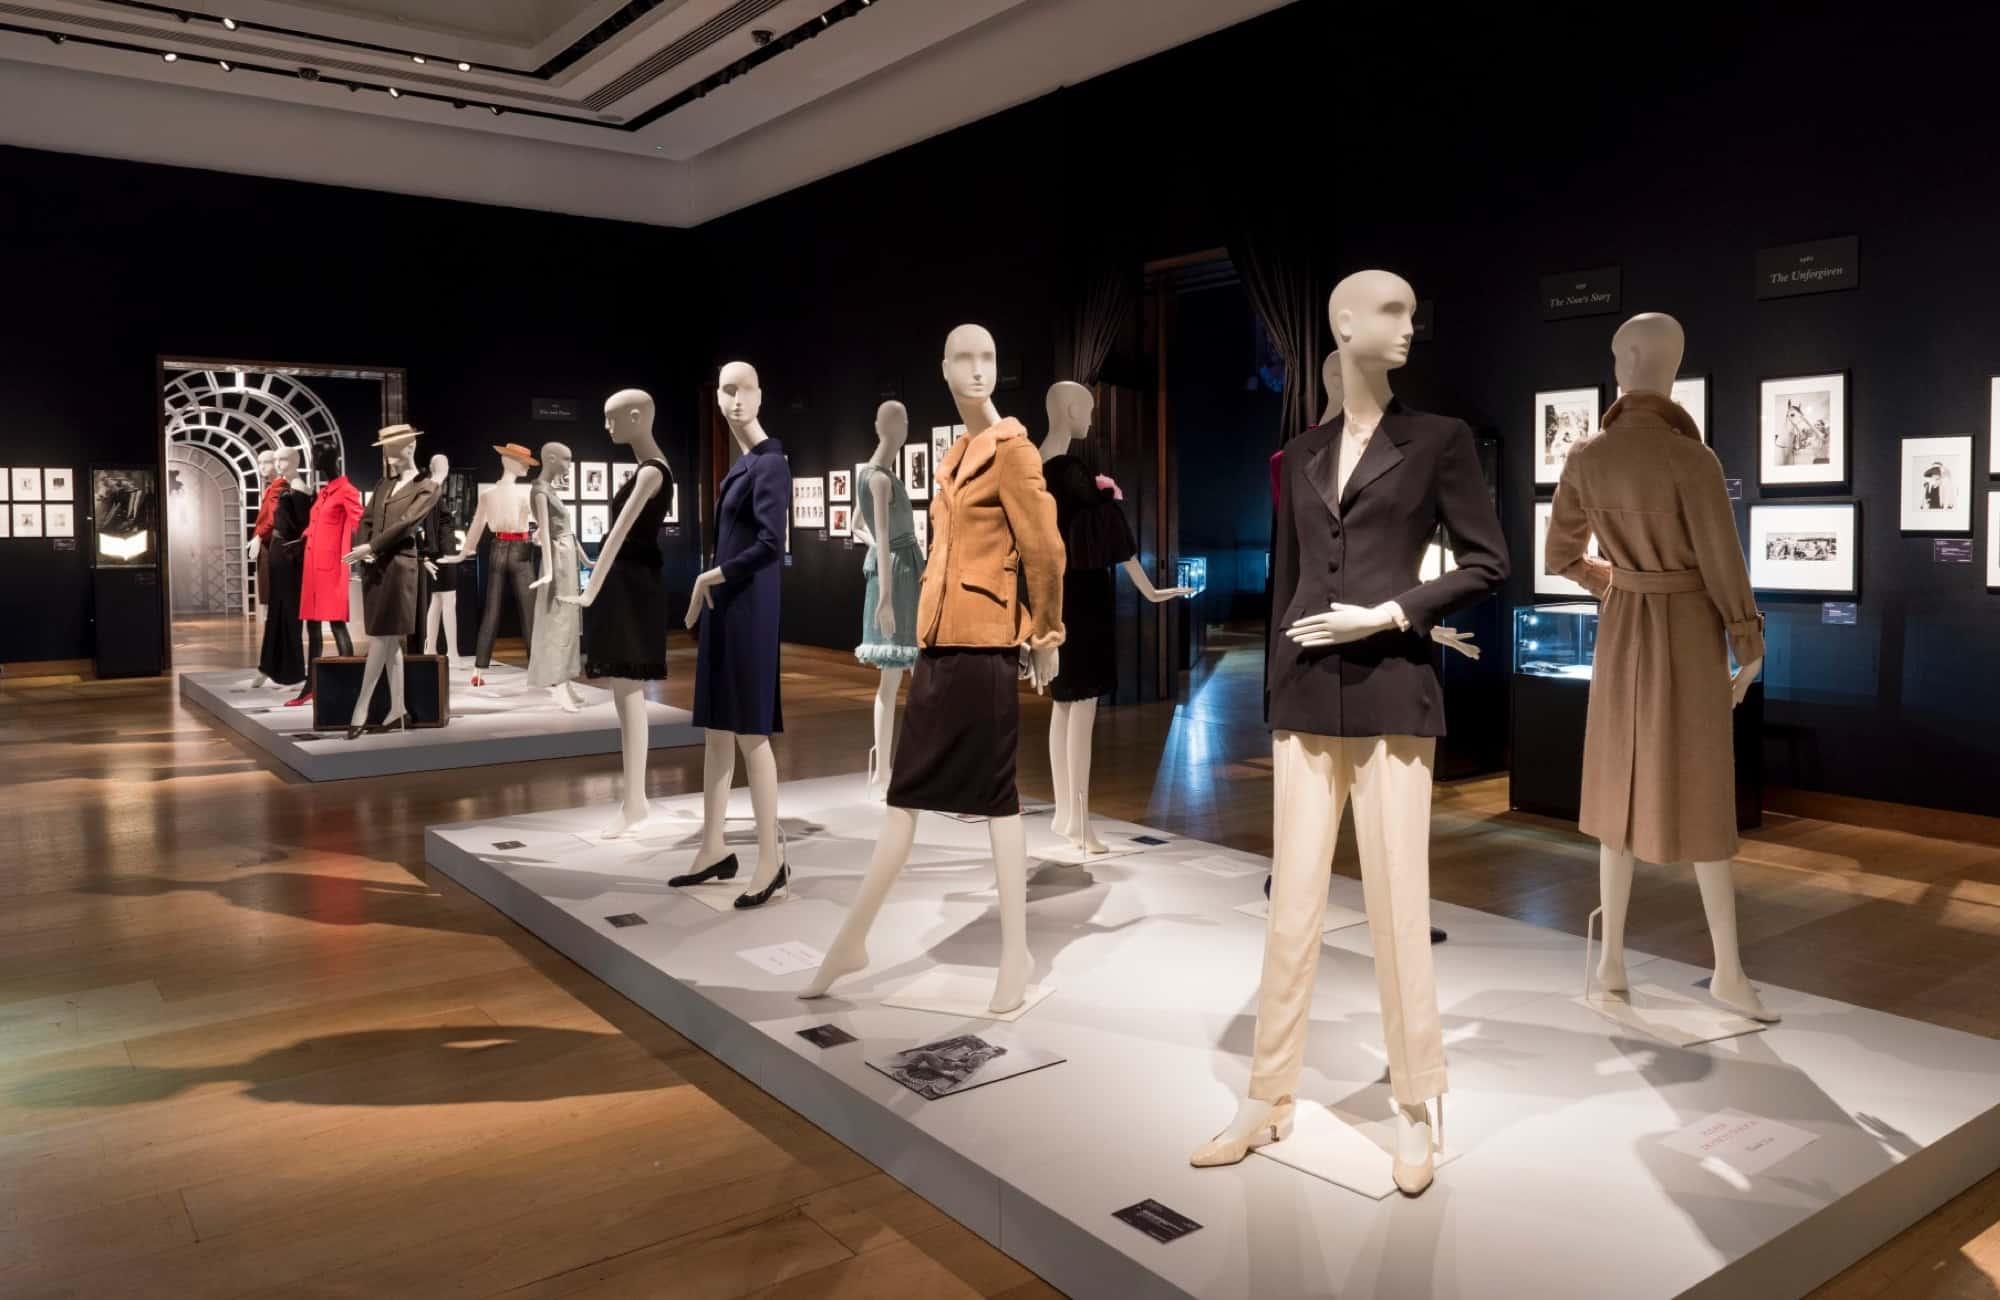 Schläppi 2200 mannequins for Audrey Hepburn exhibition at Christie's